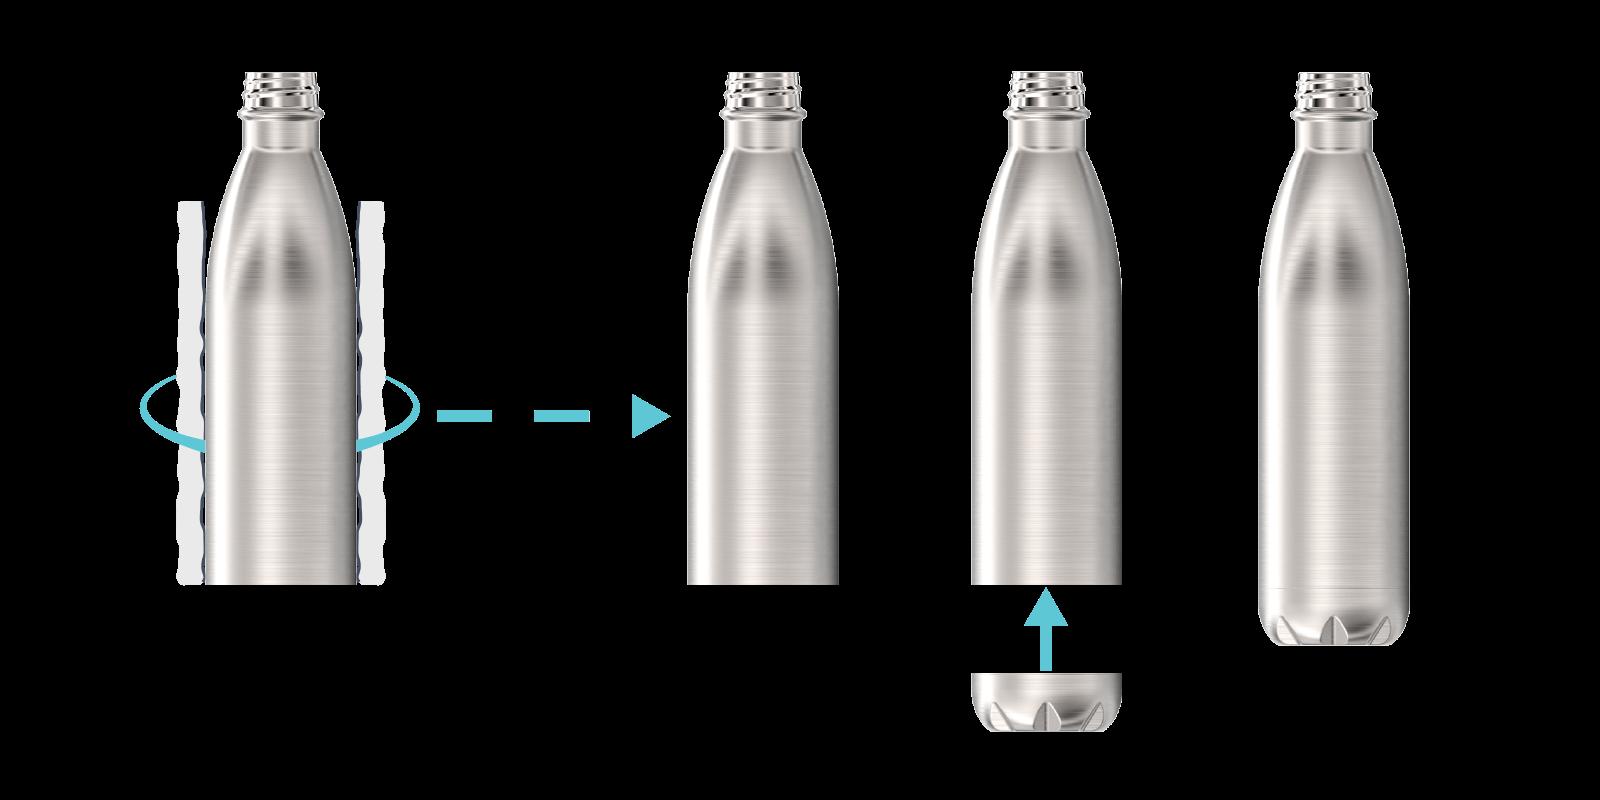 Wie wir unsere Metall-Flaschen herstellen - Step6